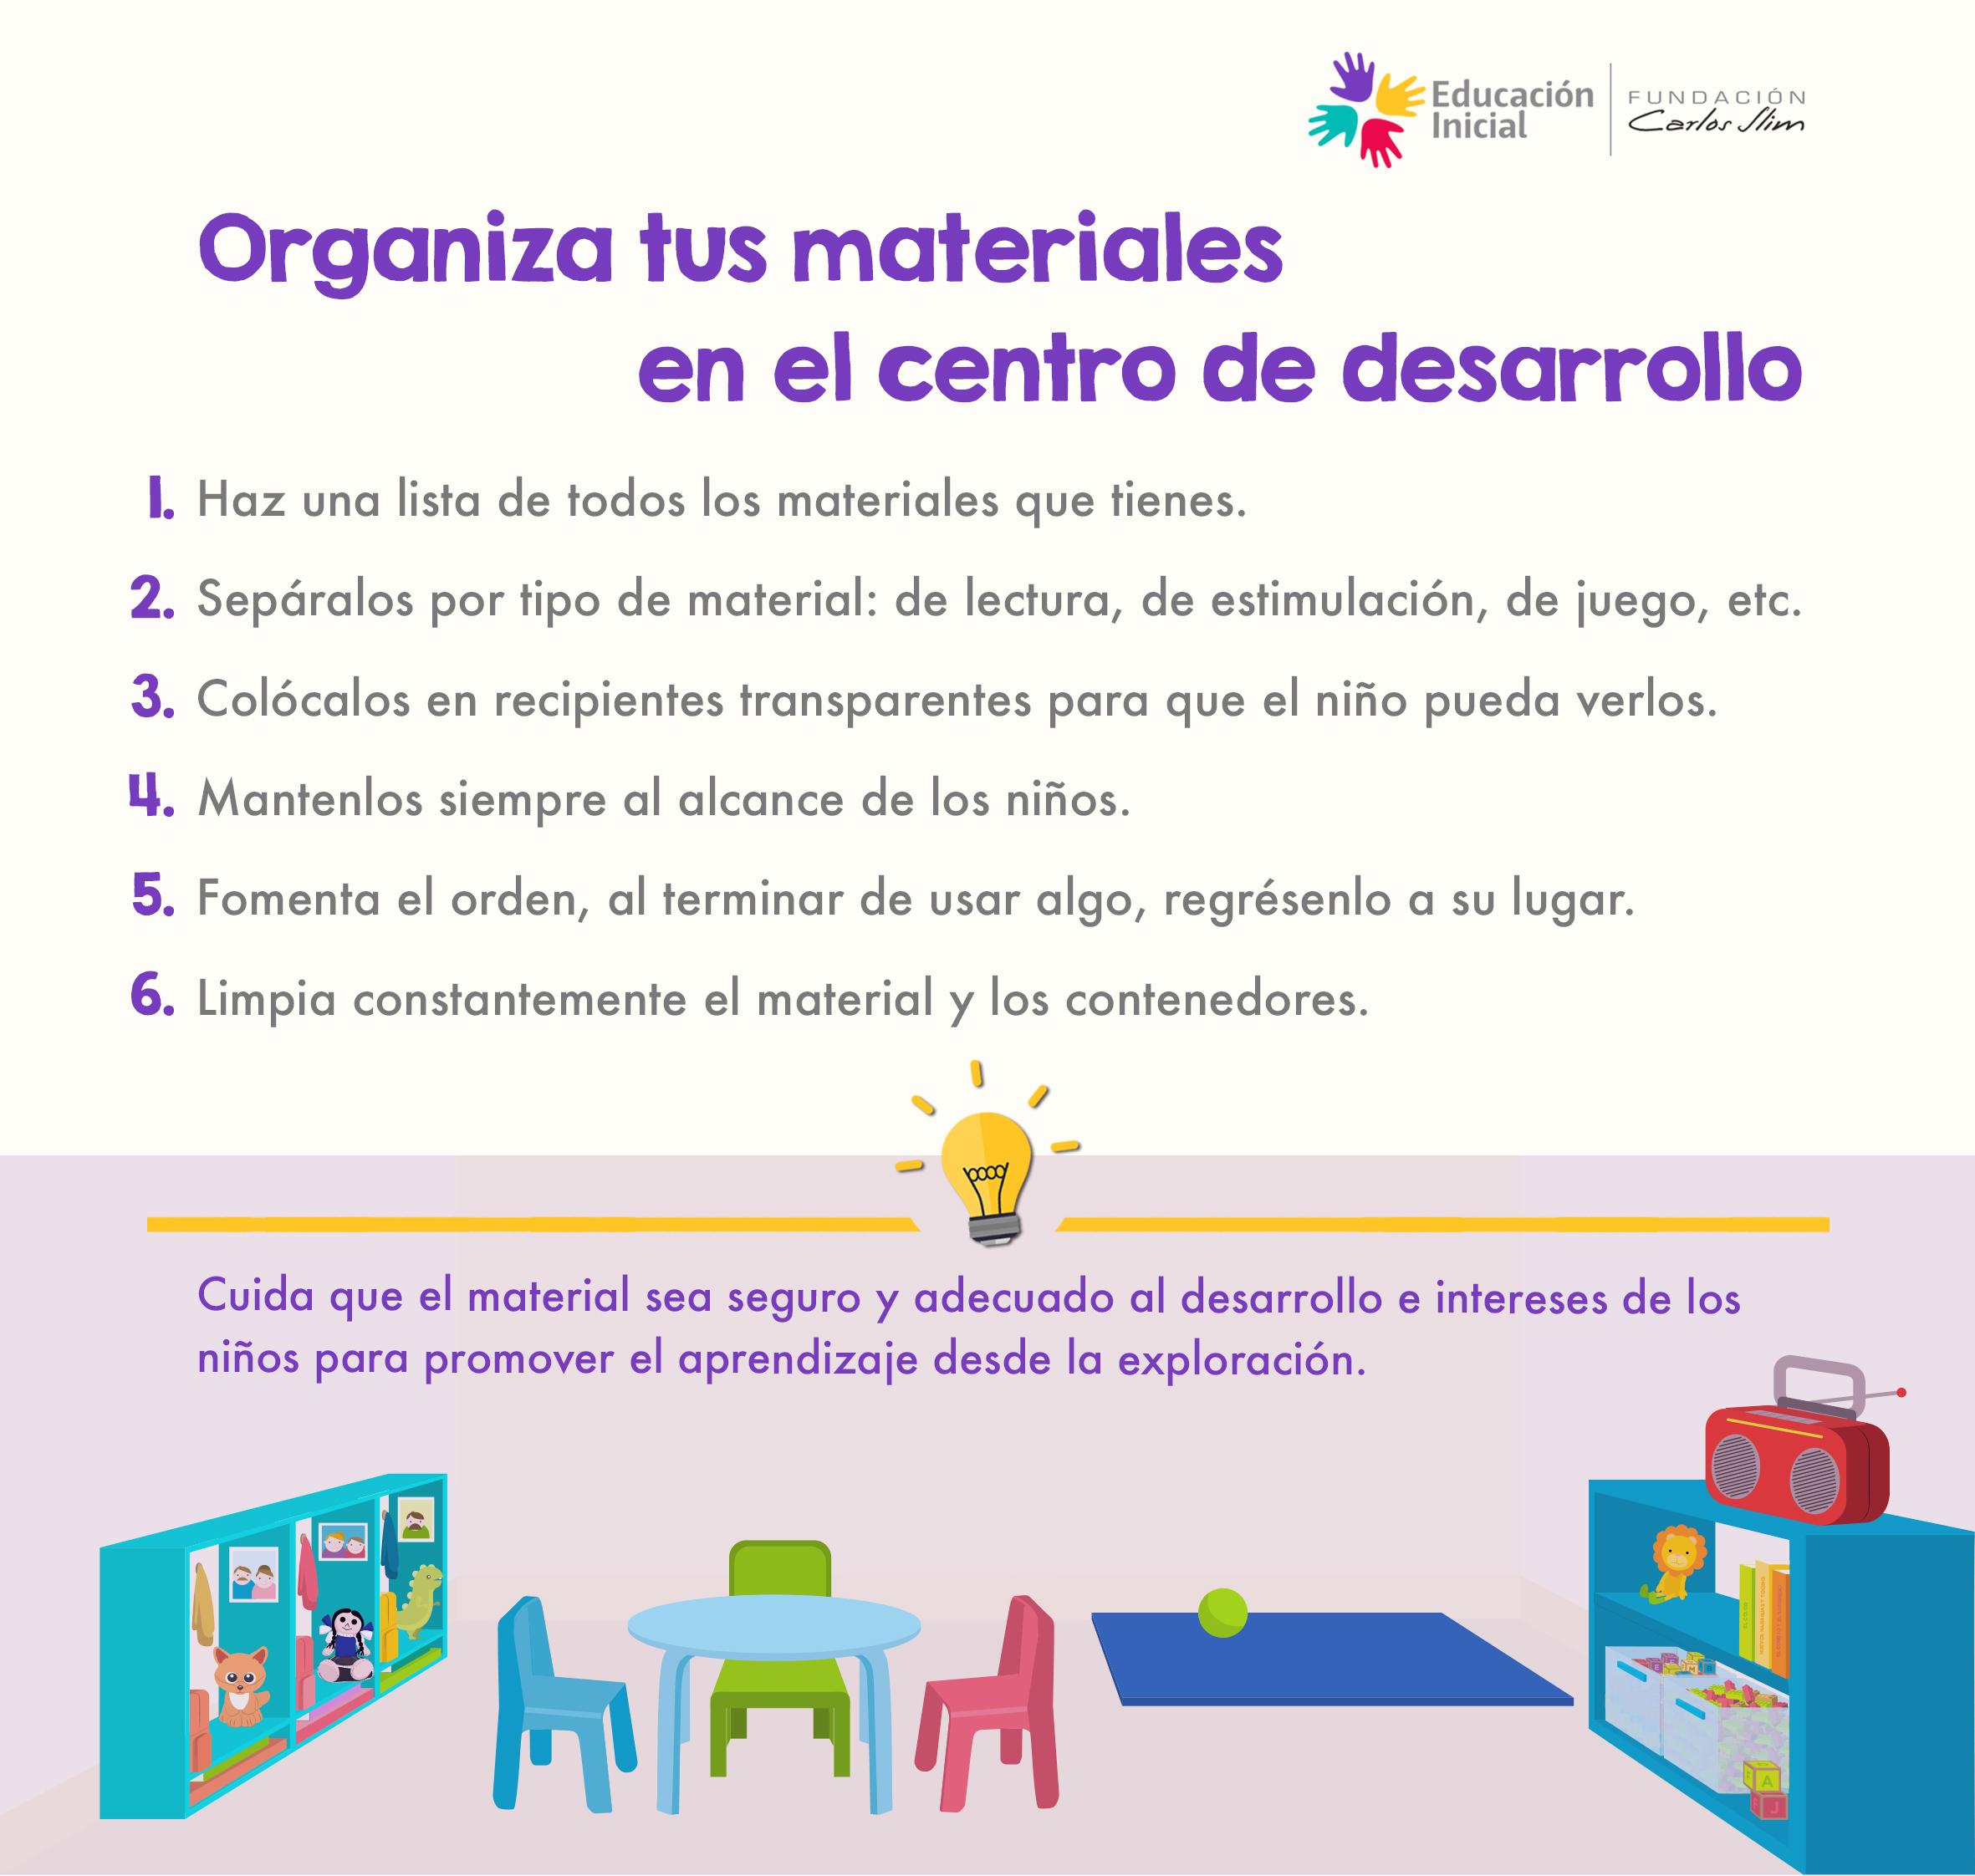 Organiza tus materiales en el centro de desarrollo